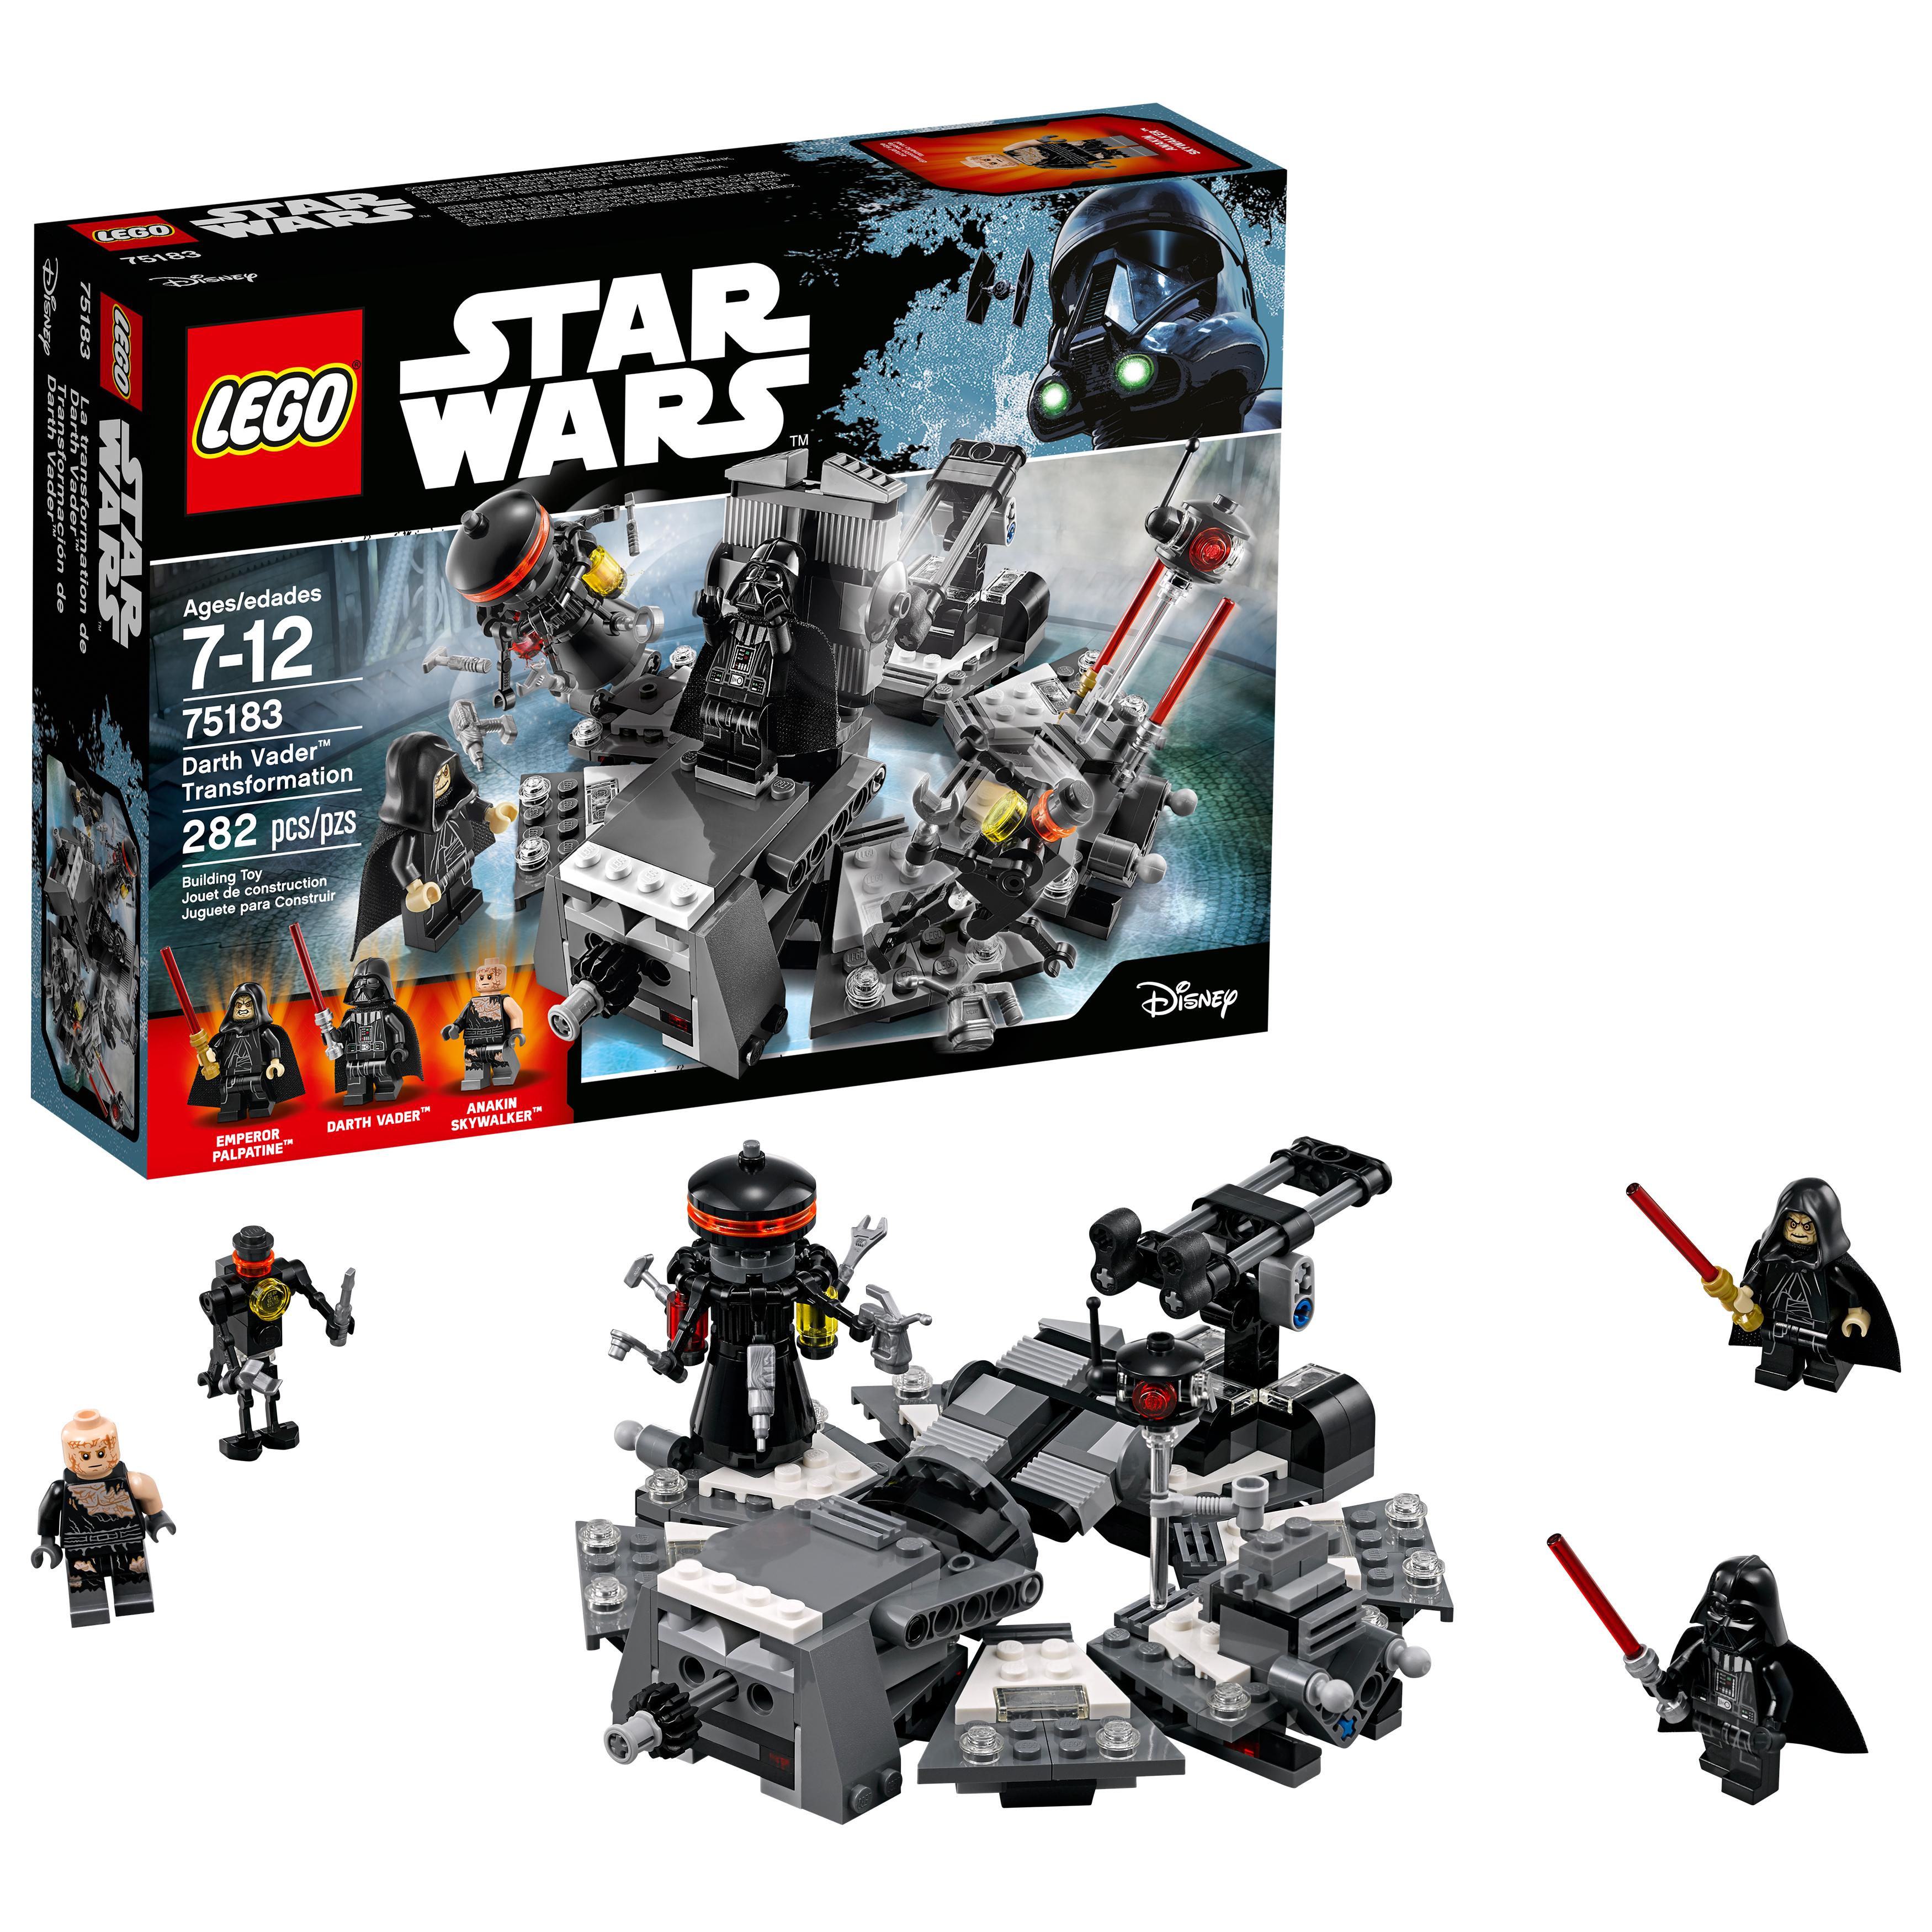 LEGO Star Wars TM Darth Vader Transformation 75183 (282 pcs, $13.99